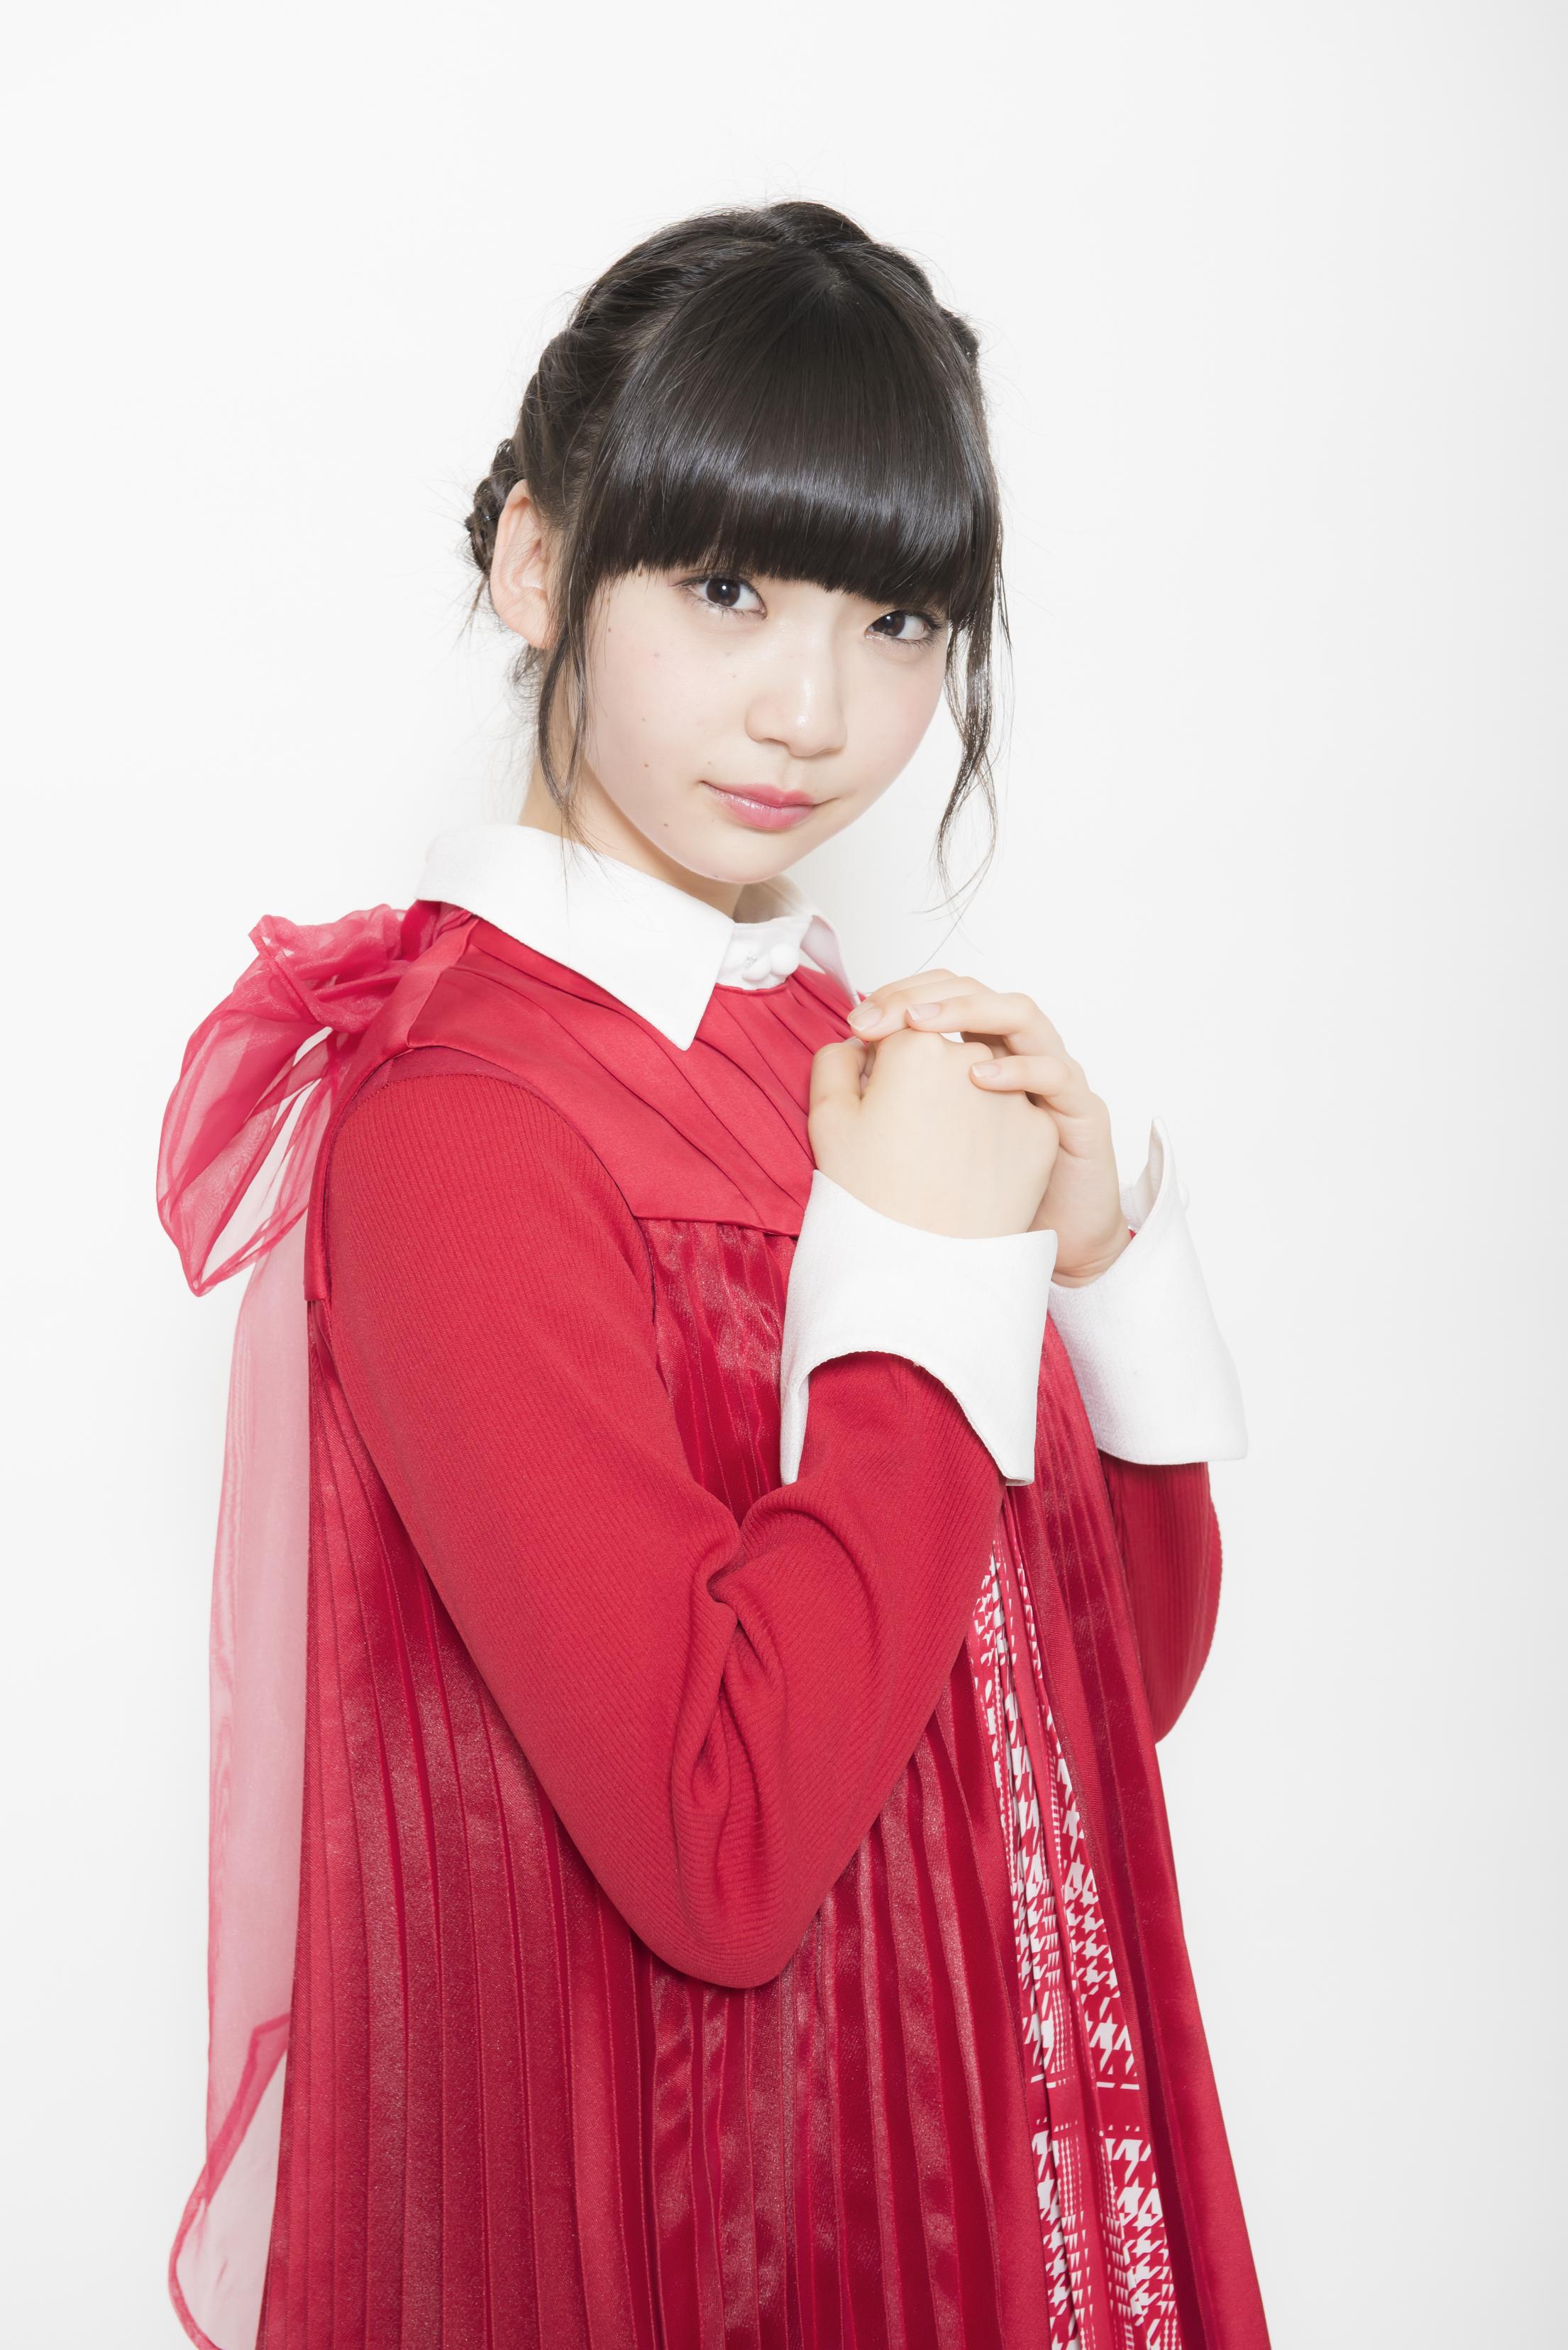 洋服が素敵な荻野由佳さん